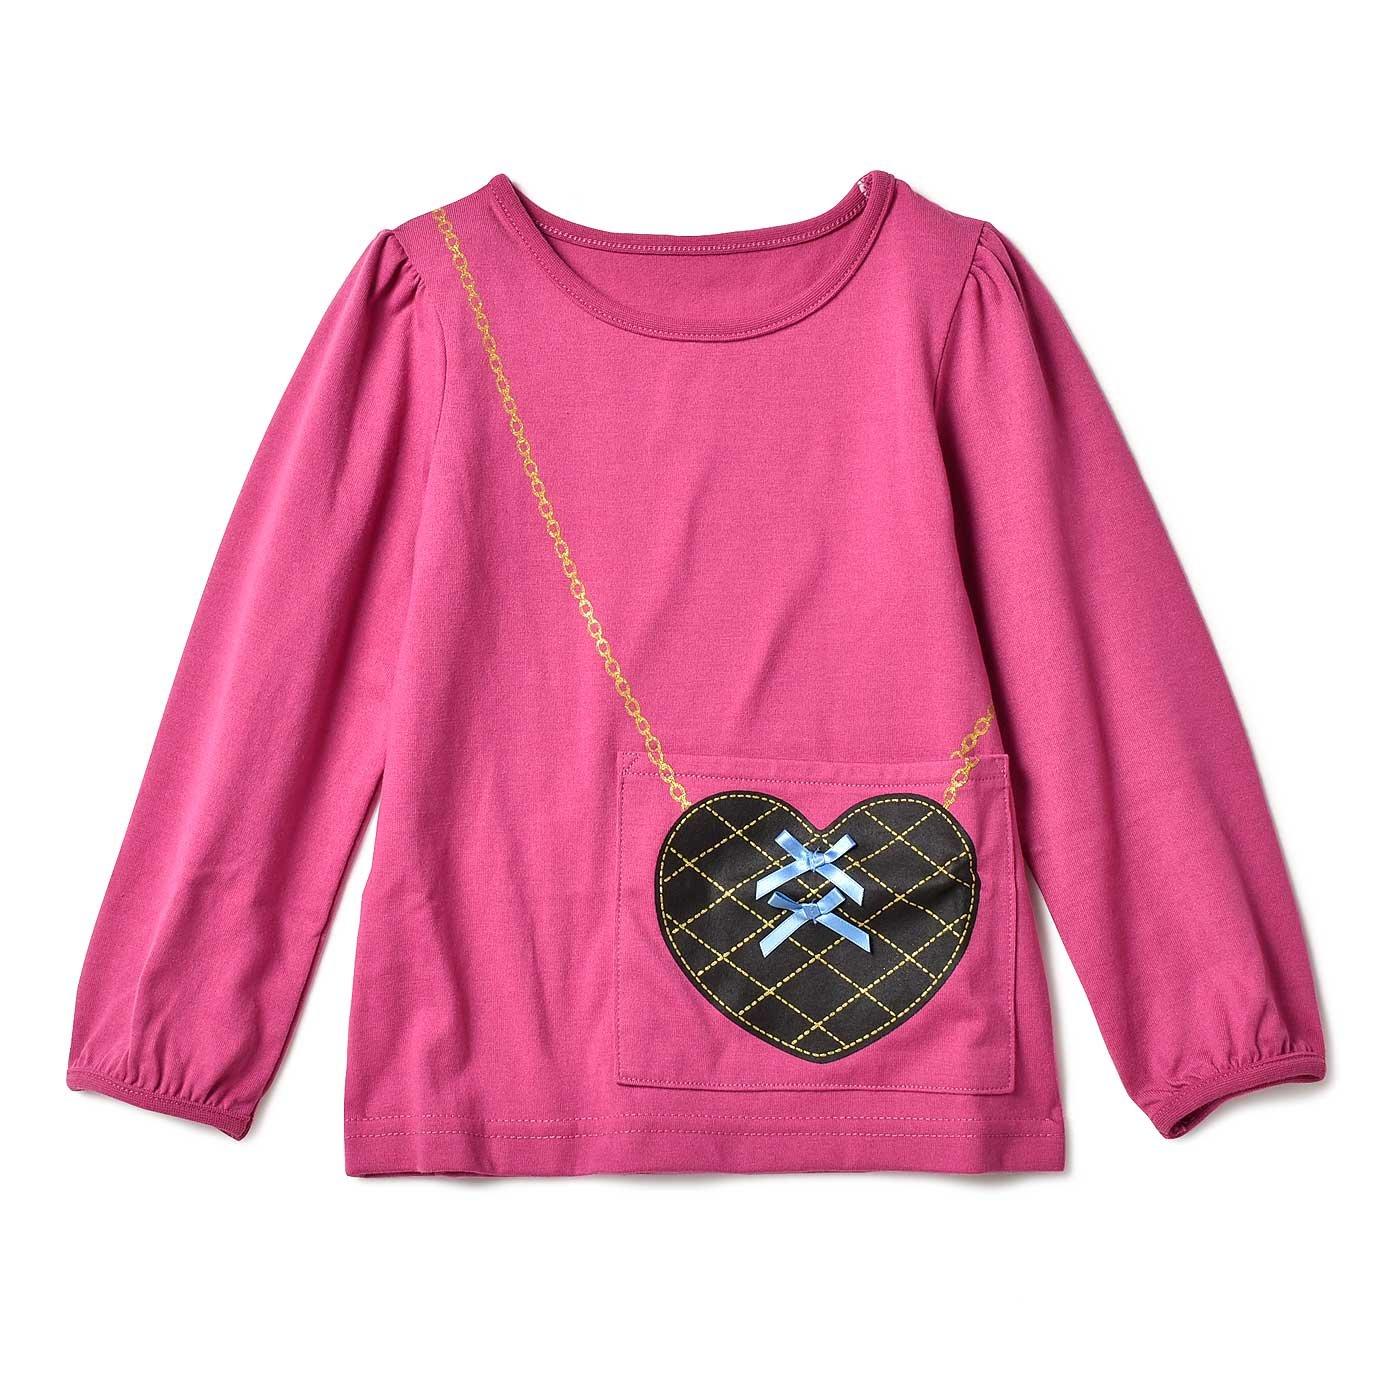 いっしょにお出かけ♪ ポケットになったポシェットプリントTシャツ〈ピンク〉